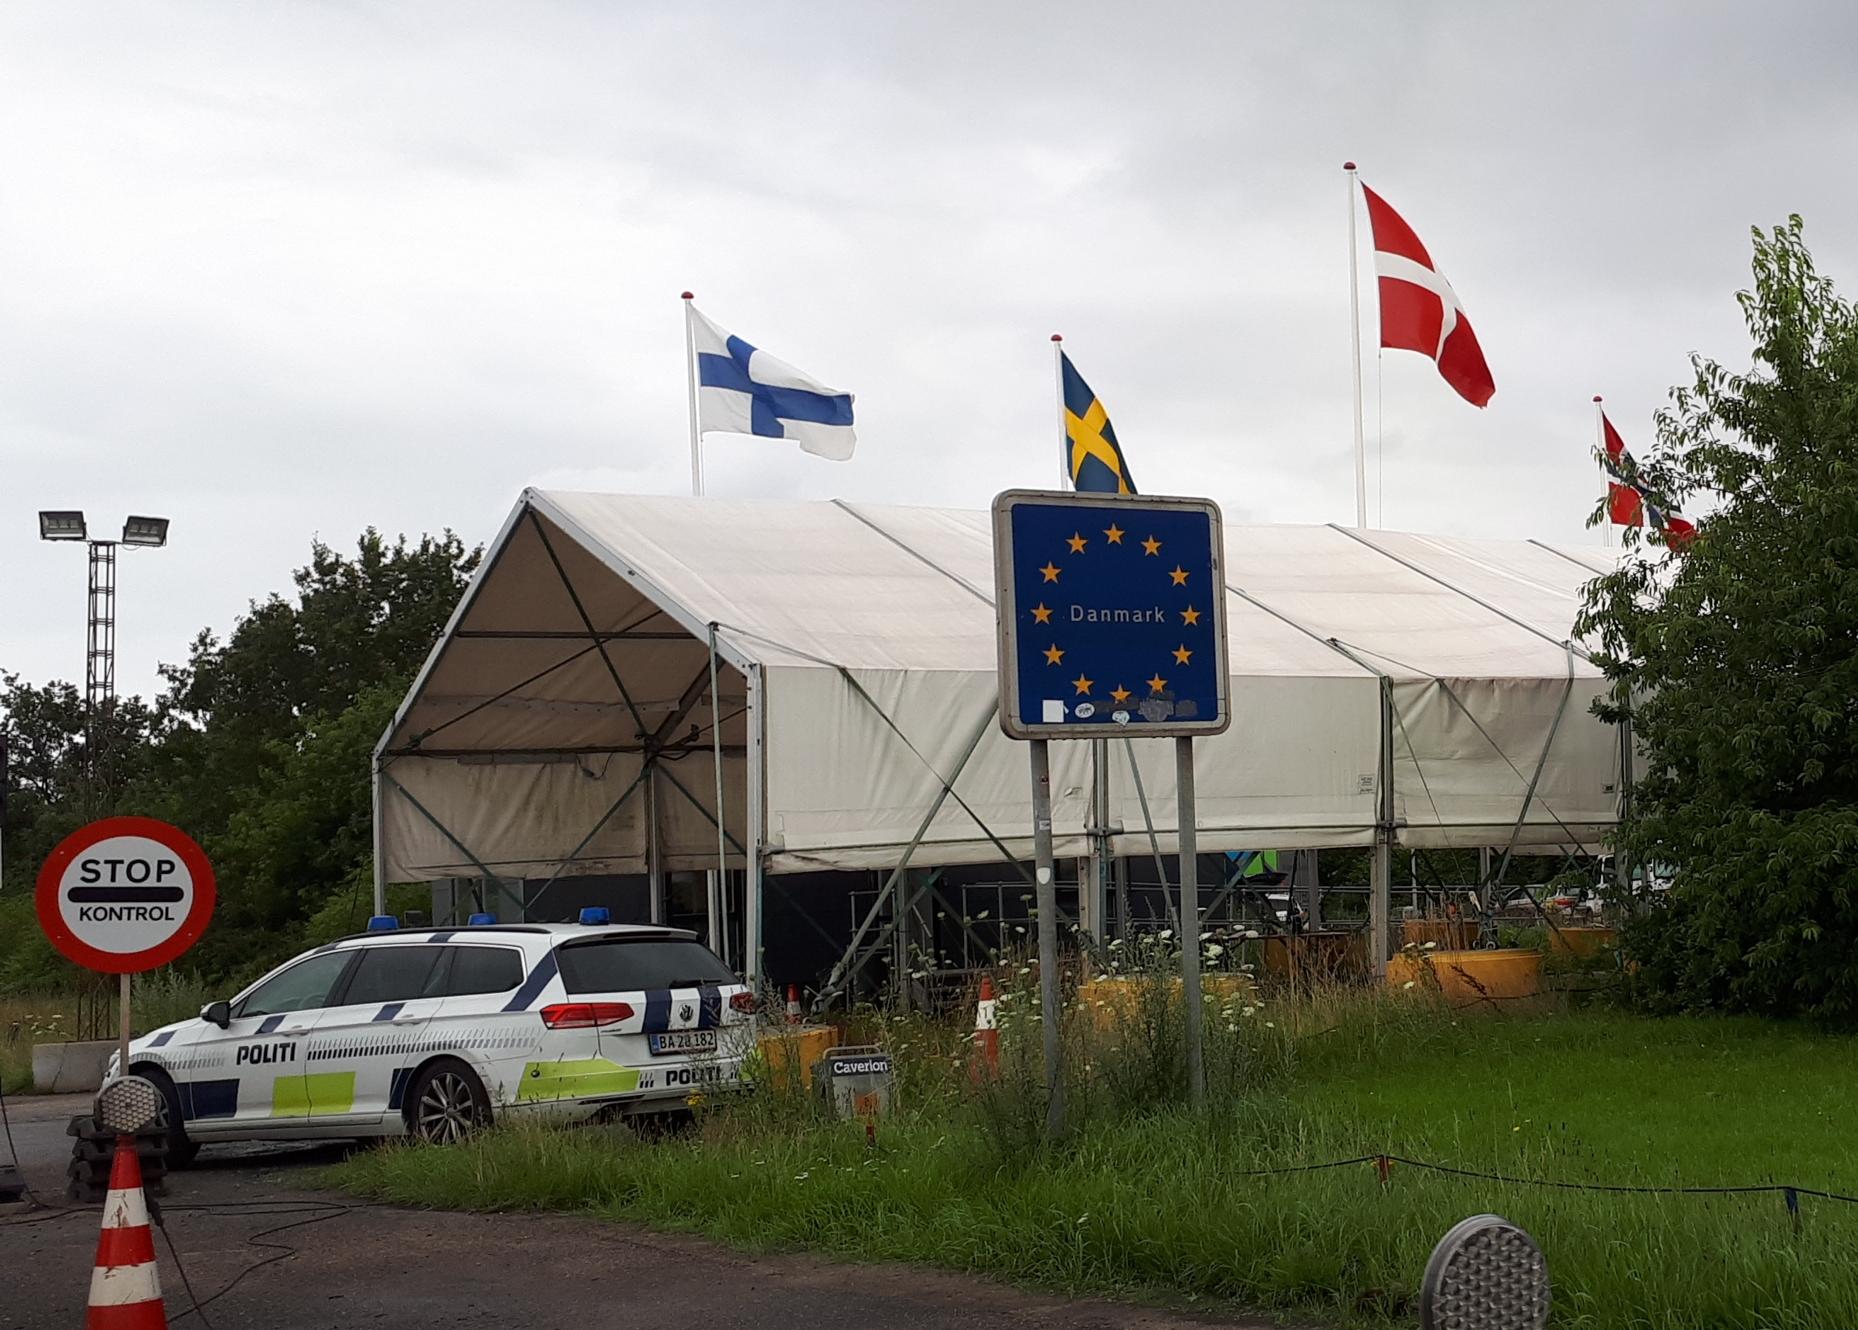 De danske grænser har været lukket for turister i store dele af coronakrisen. Det har kostet enorme tab for blandt andet dansk turisme. Arkivfoto: Henrik Baumgarten.